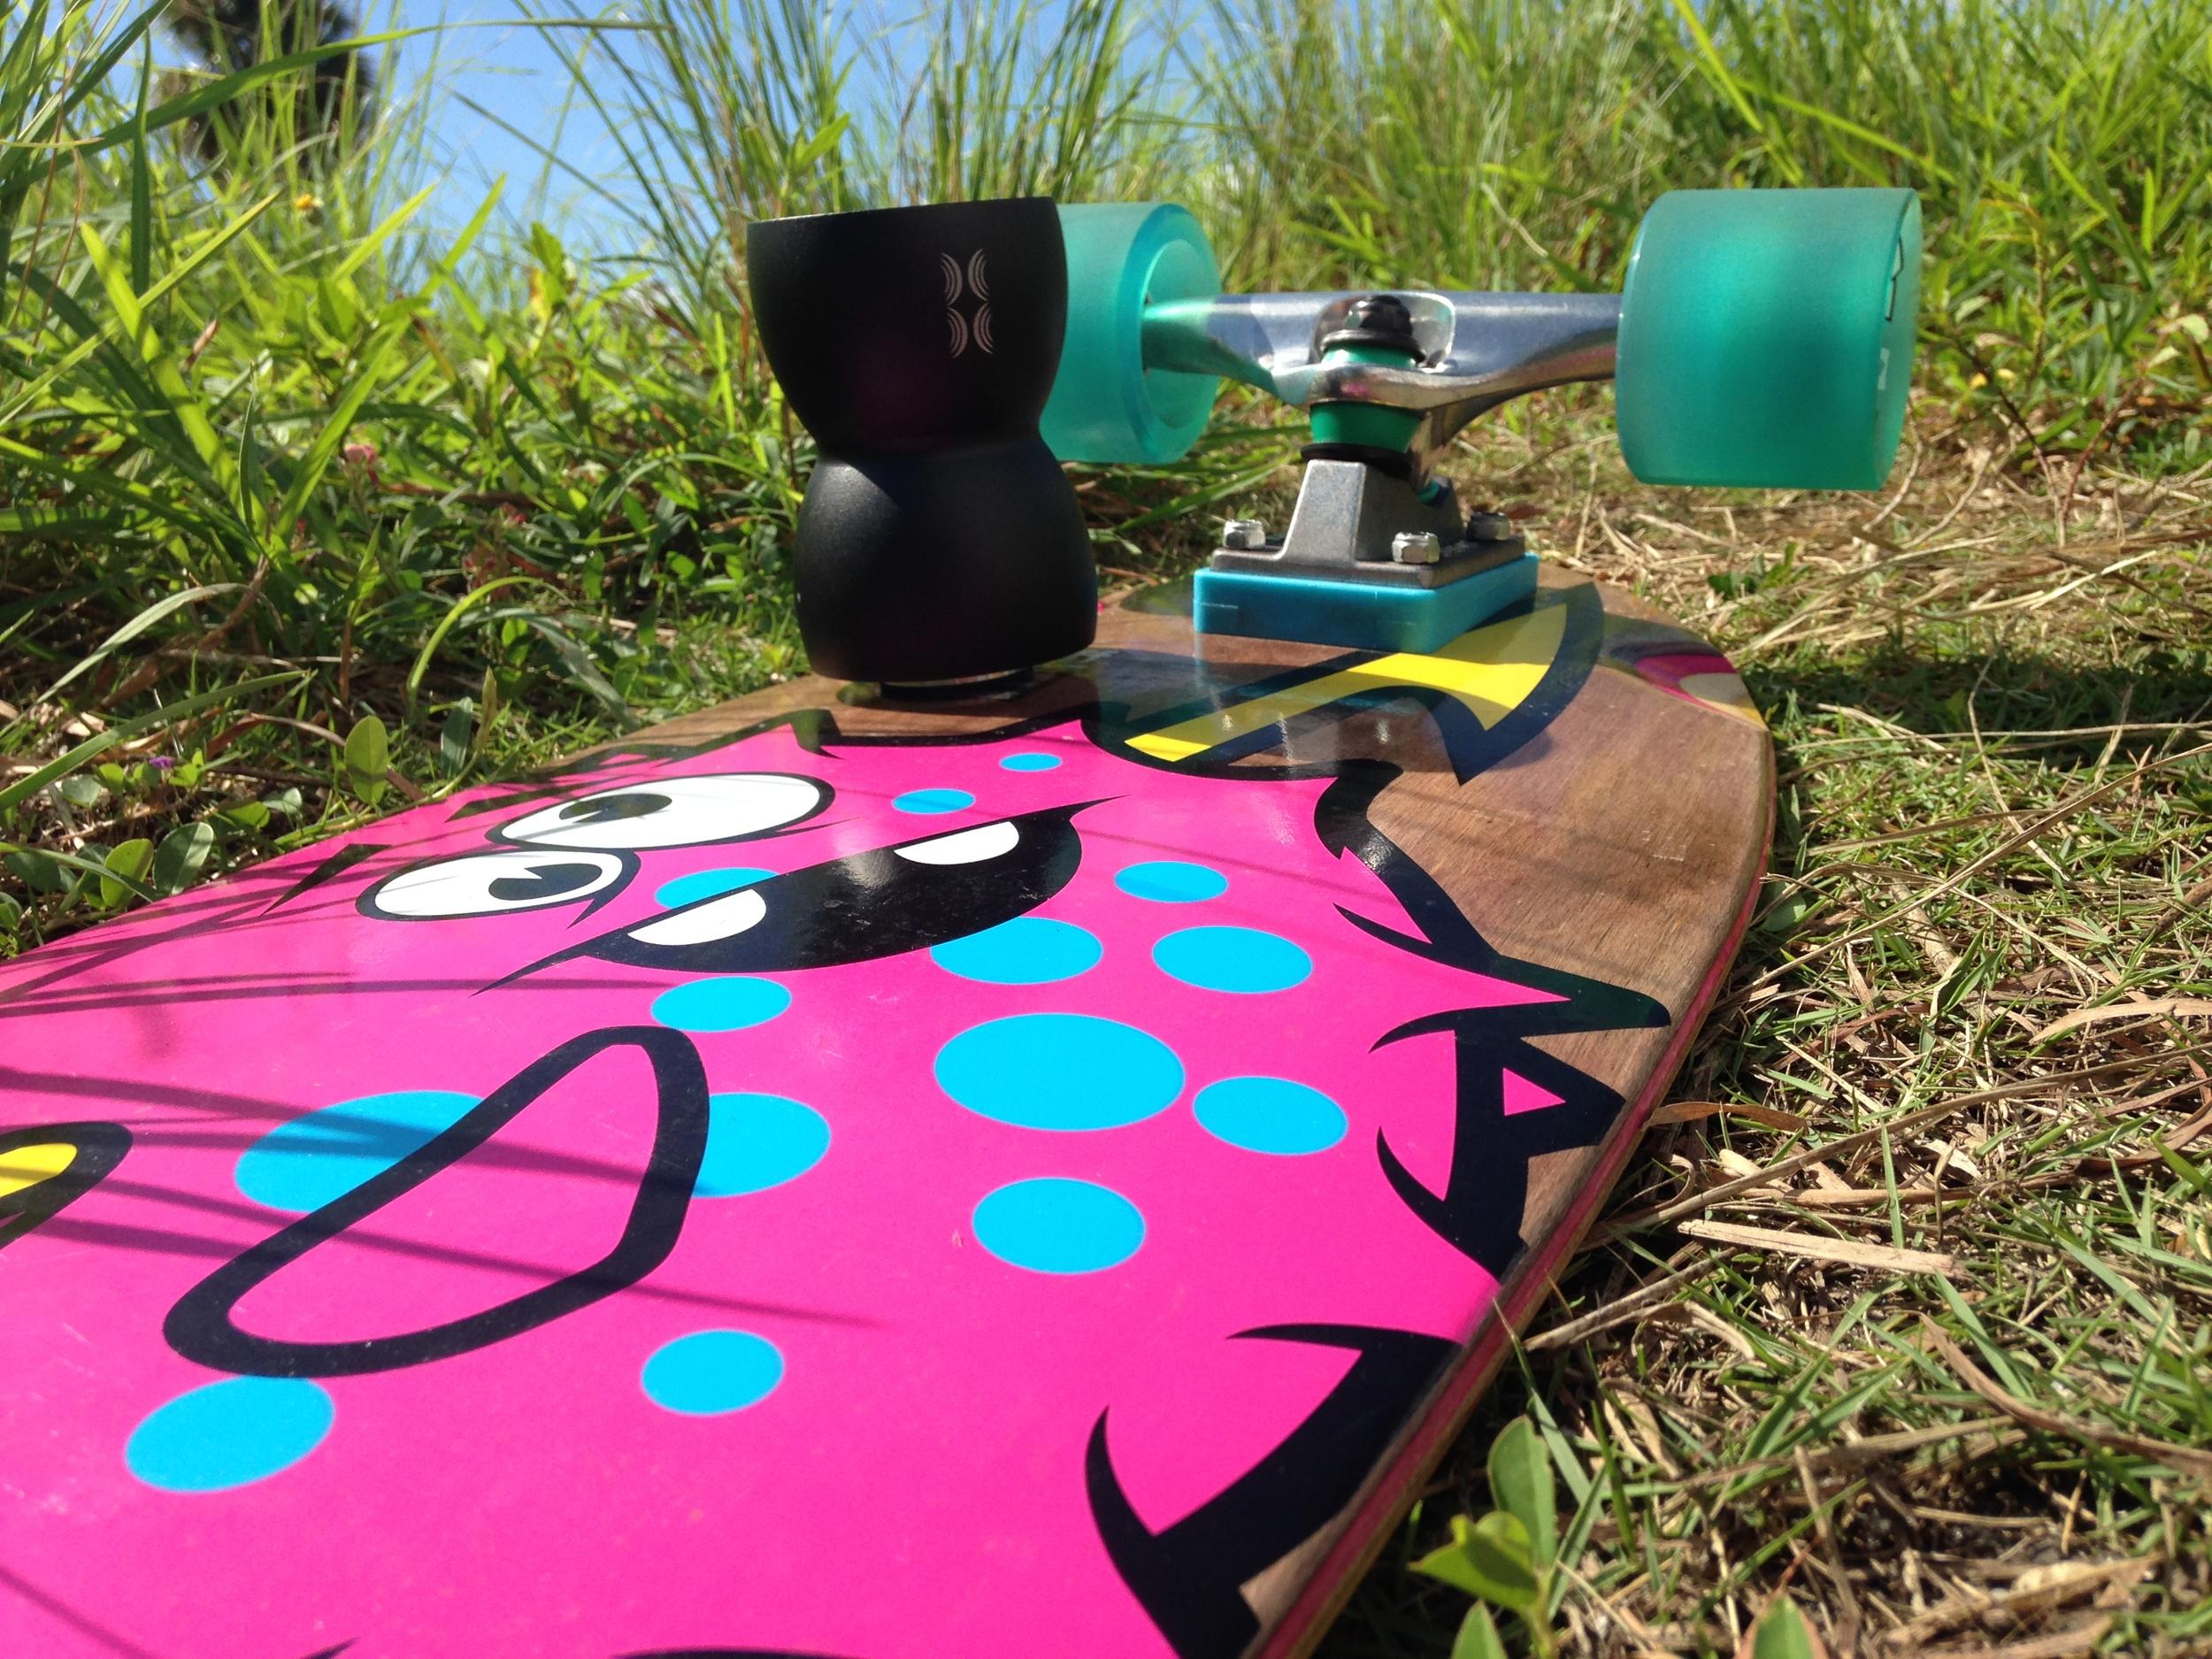 Bass_Egg_Skateboard.jpg